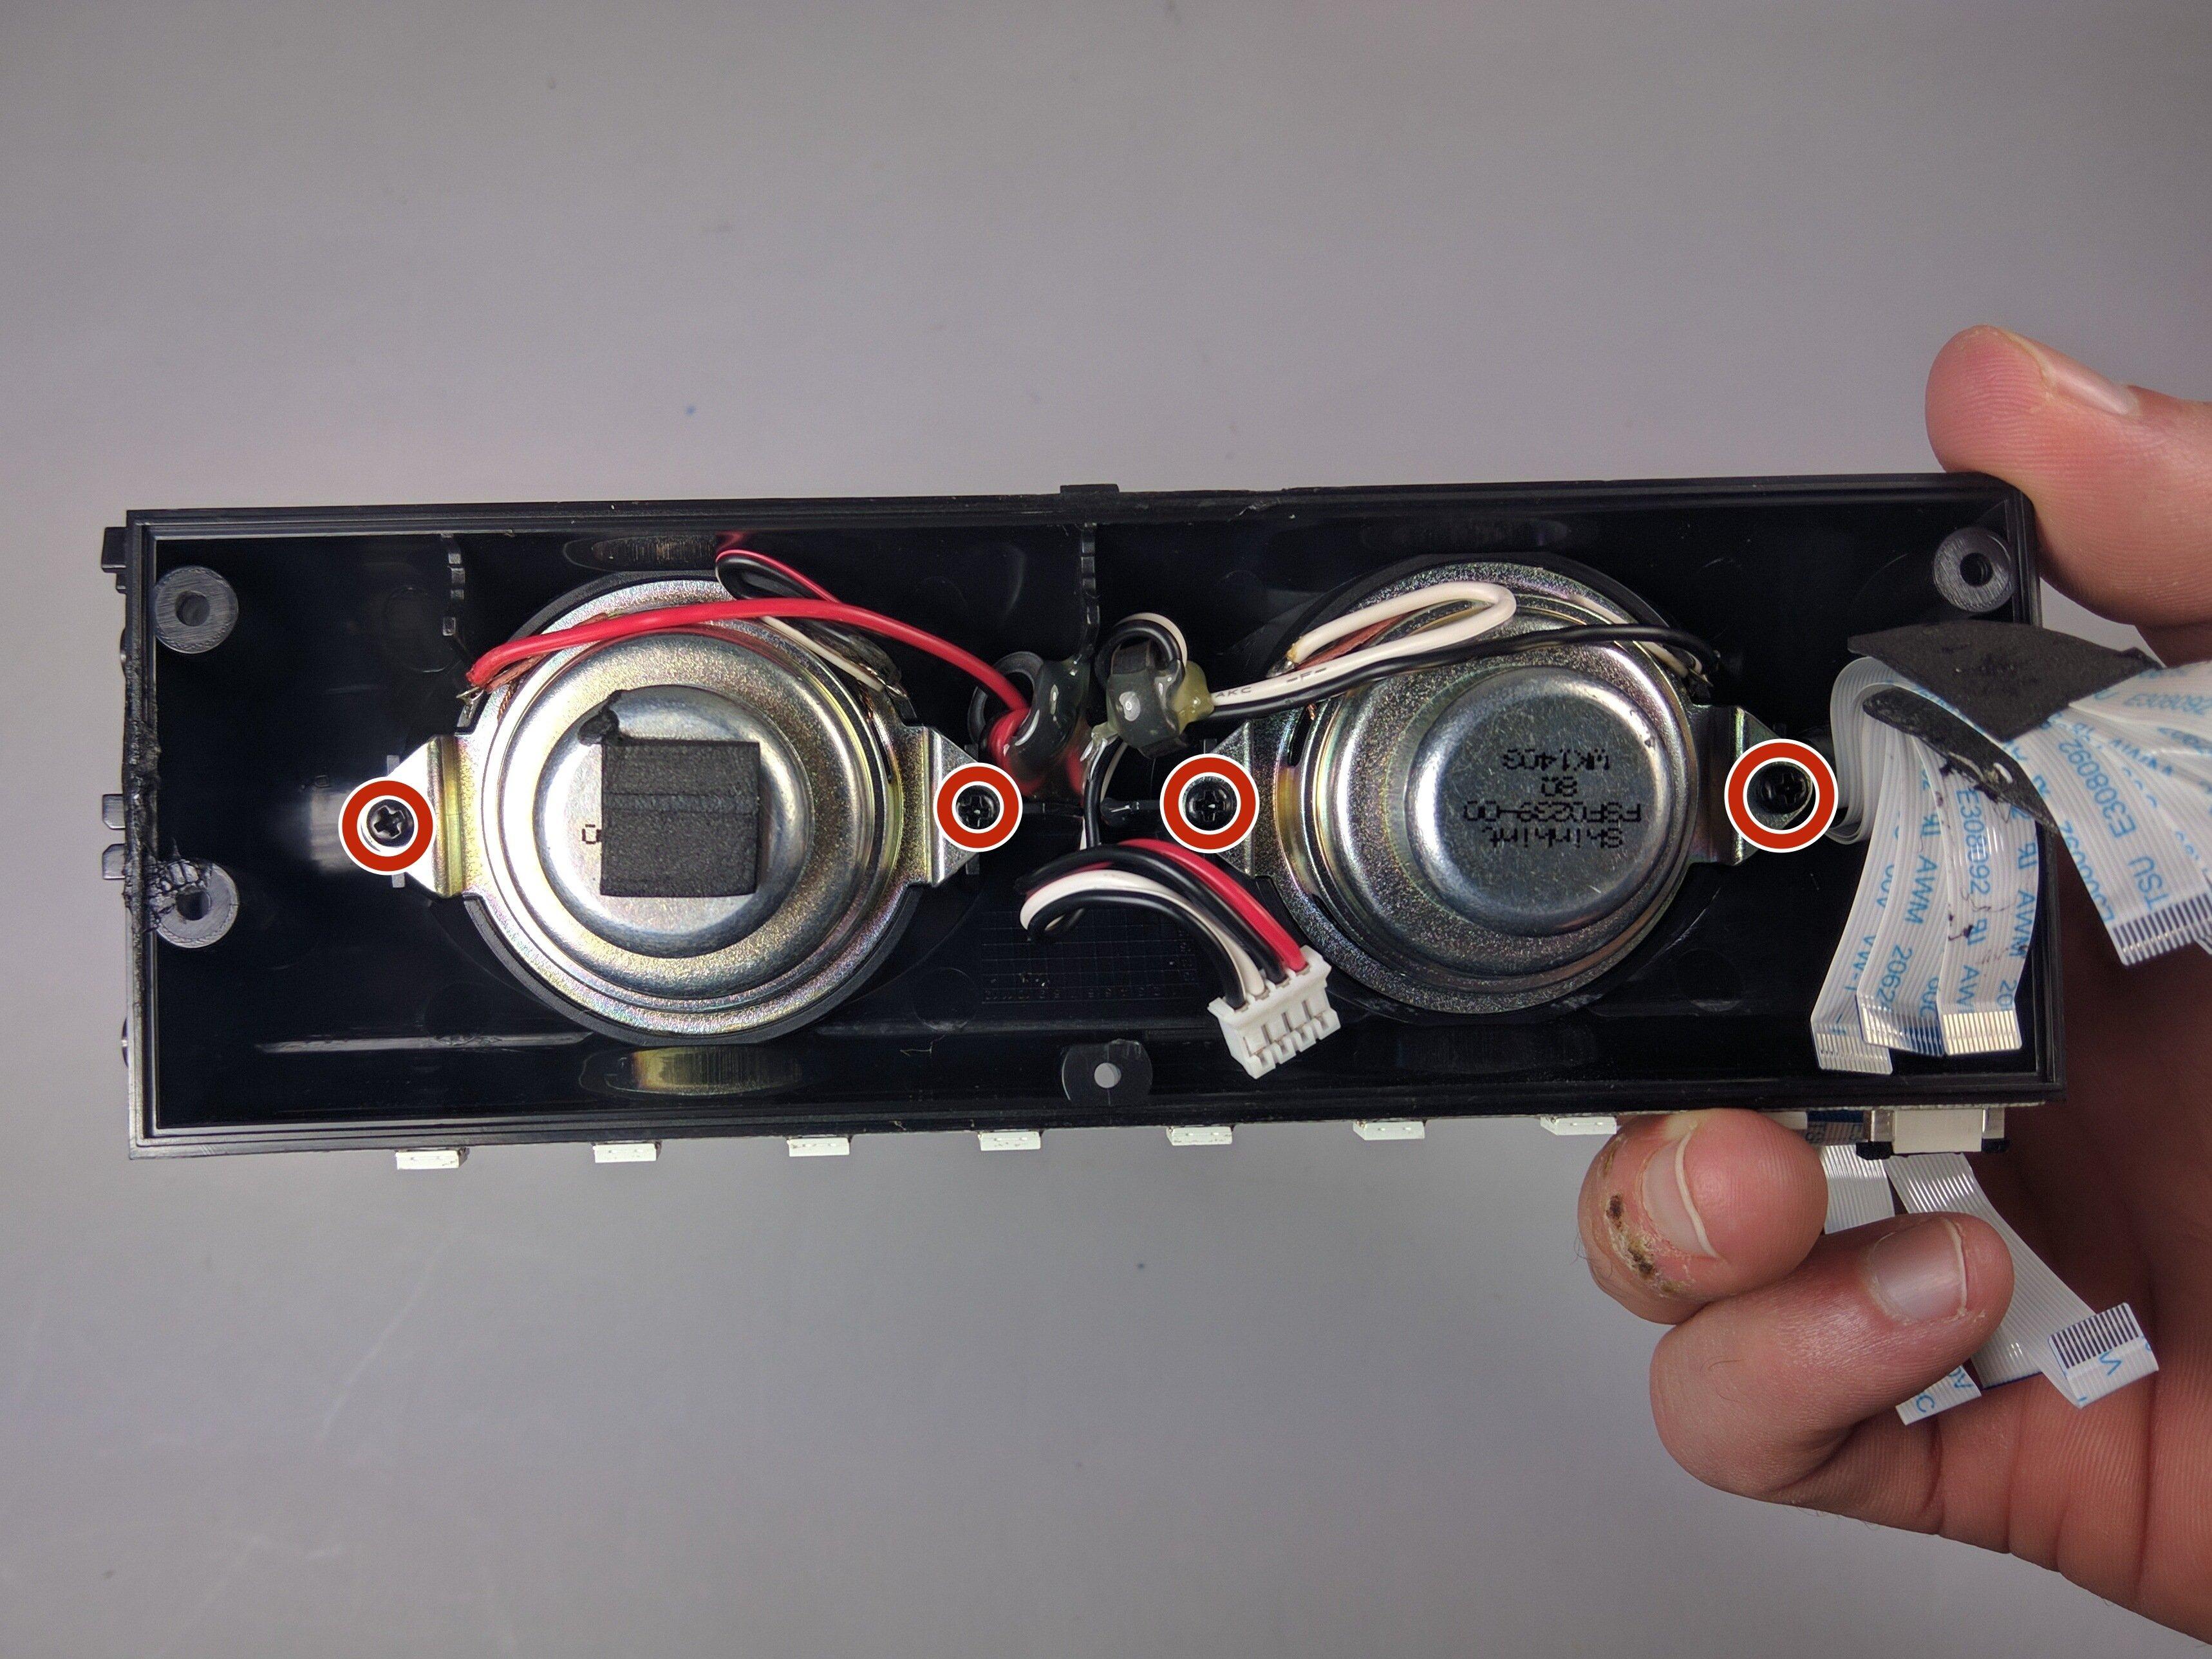 JBL Pulse Speakers Replacement - iFixit Repair Guide